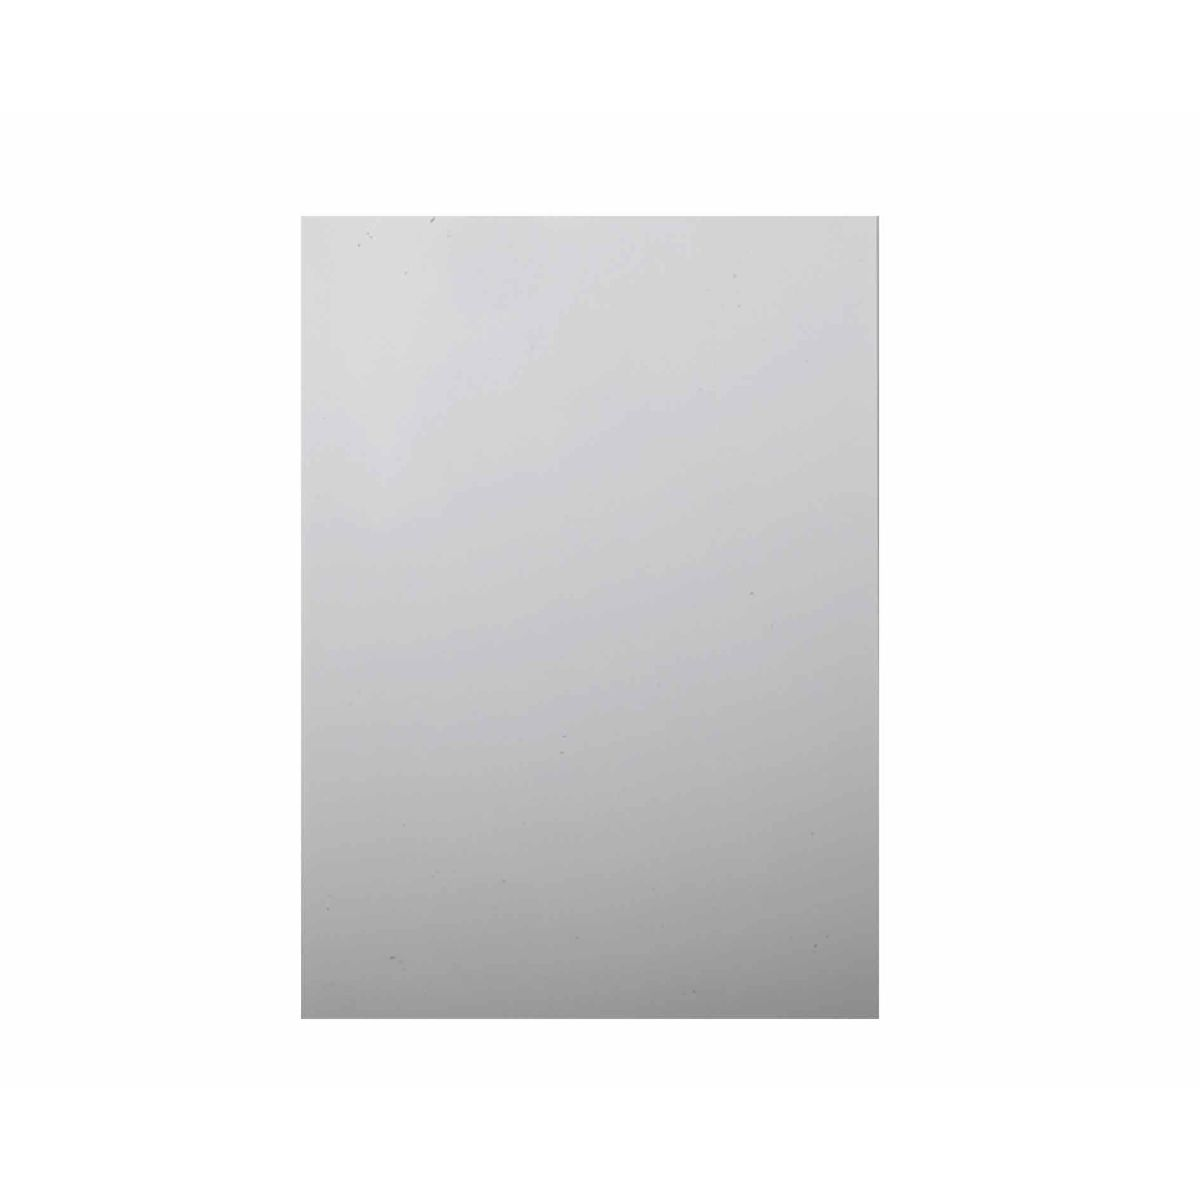 west foam board 5mm a1 pack of 10, white